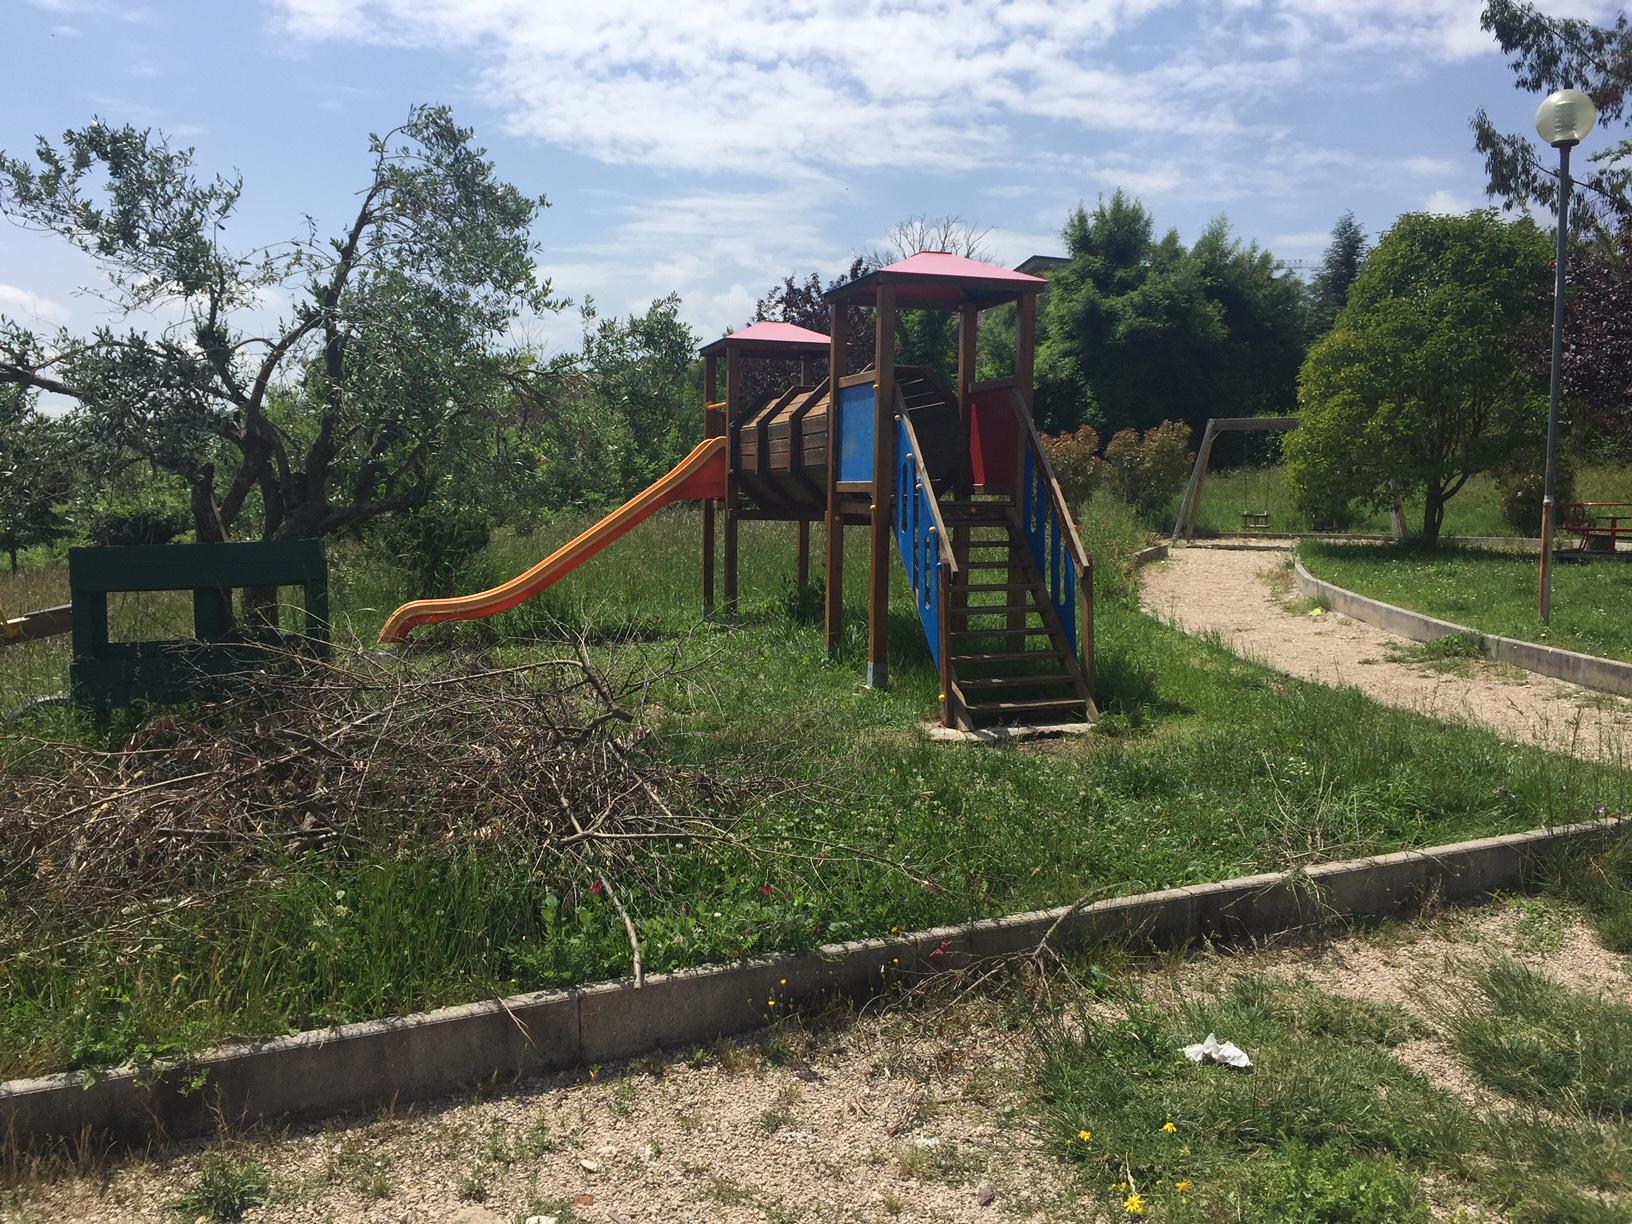 Parco Ungaretti abbandonato, genitori inferociti